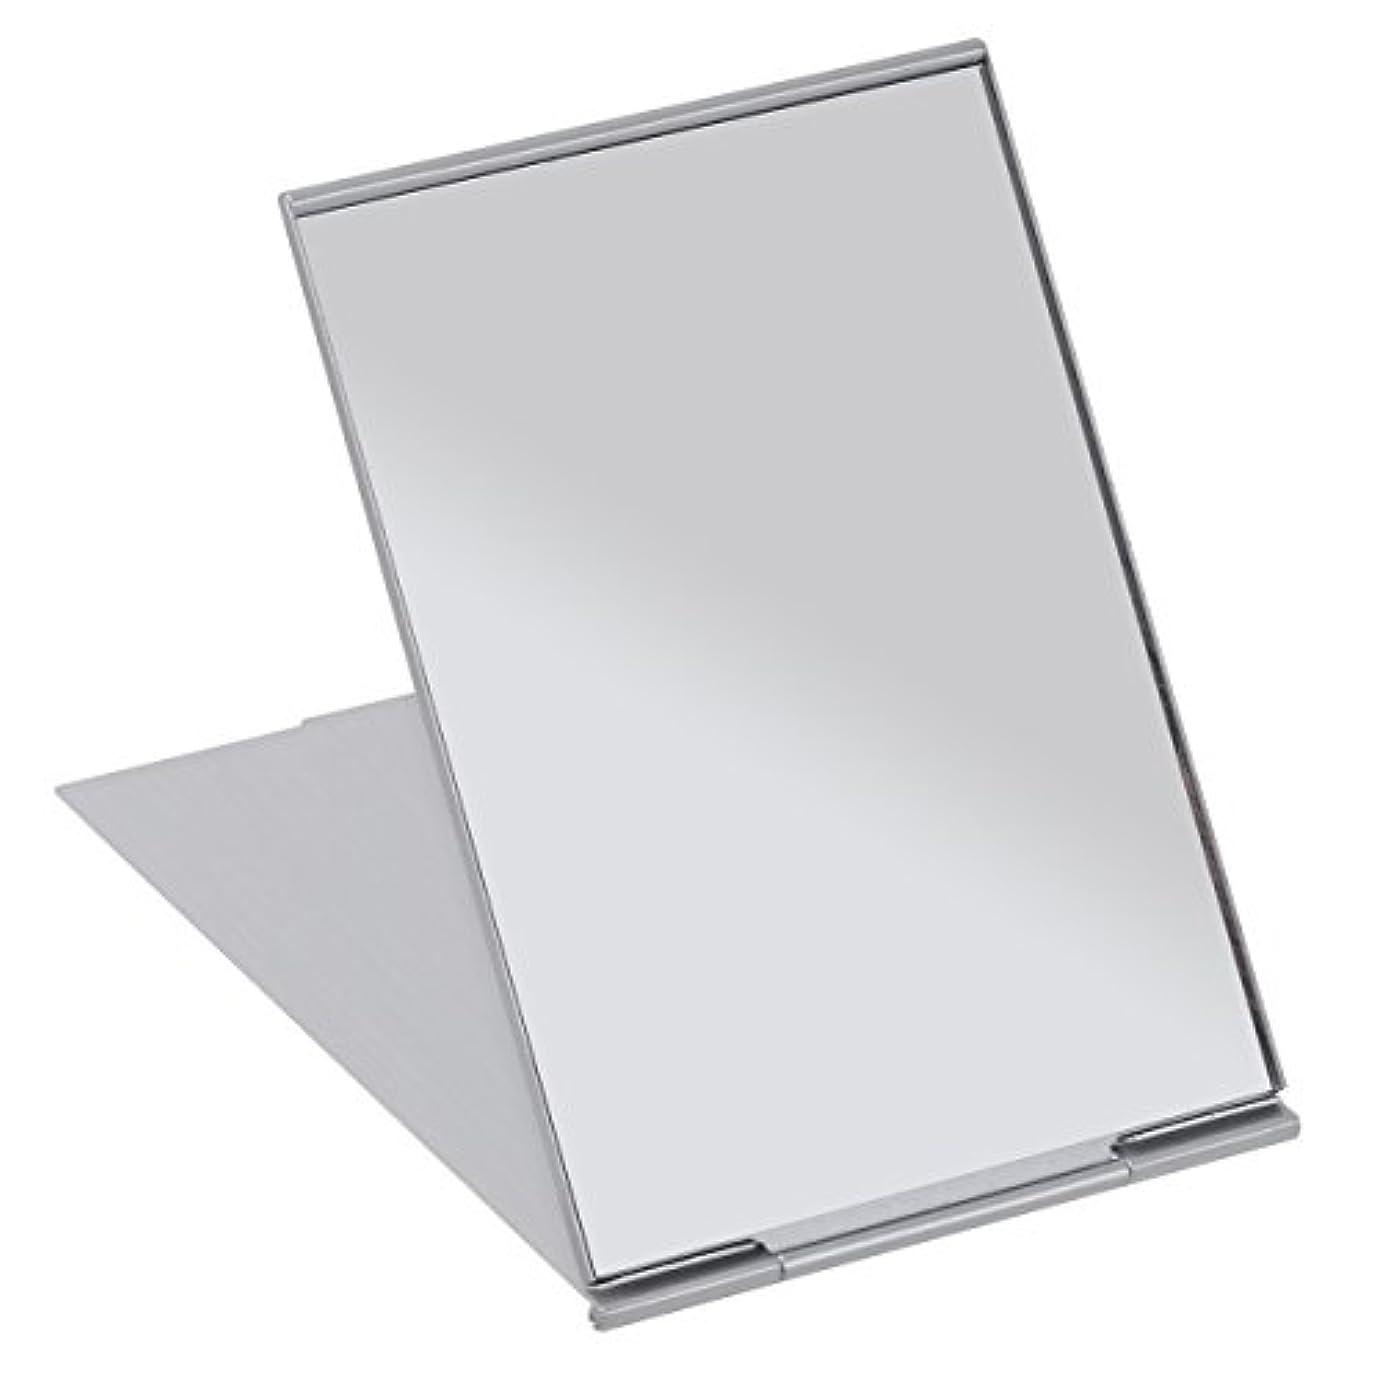 真鍮おんどり改善するFRCOLOR 化粧鏡 携帯ミラー 折りたたみミラー 化粧ミラー コンパクトミラー 11.5*8cm 持ち運びに便利 (シルバー)